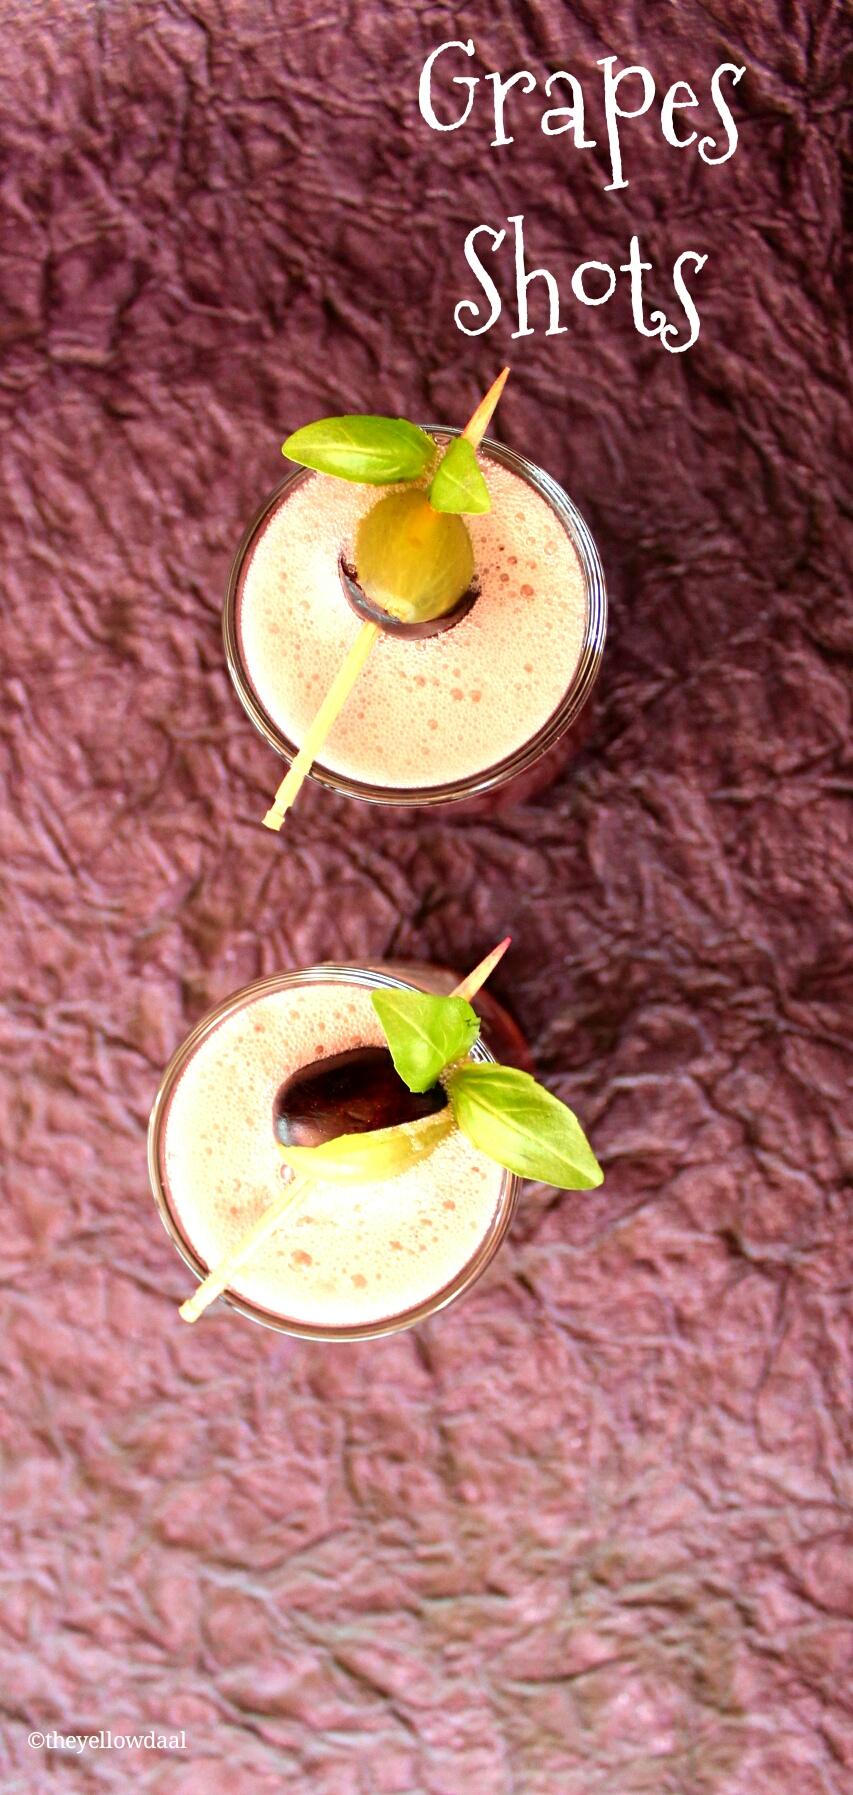 Grapes-Shot